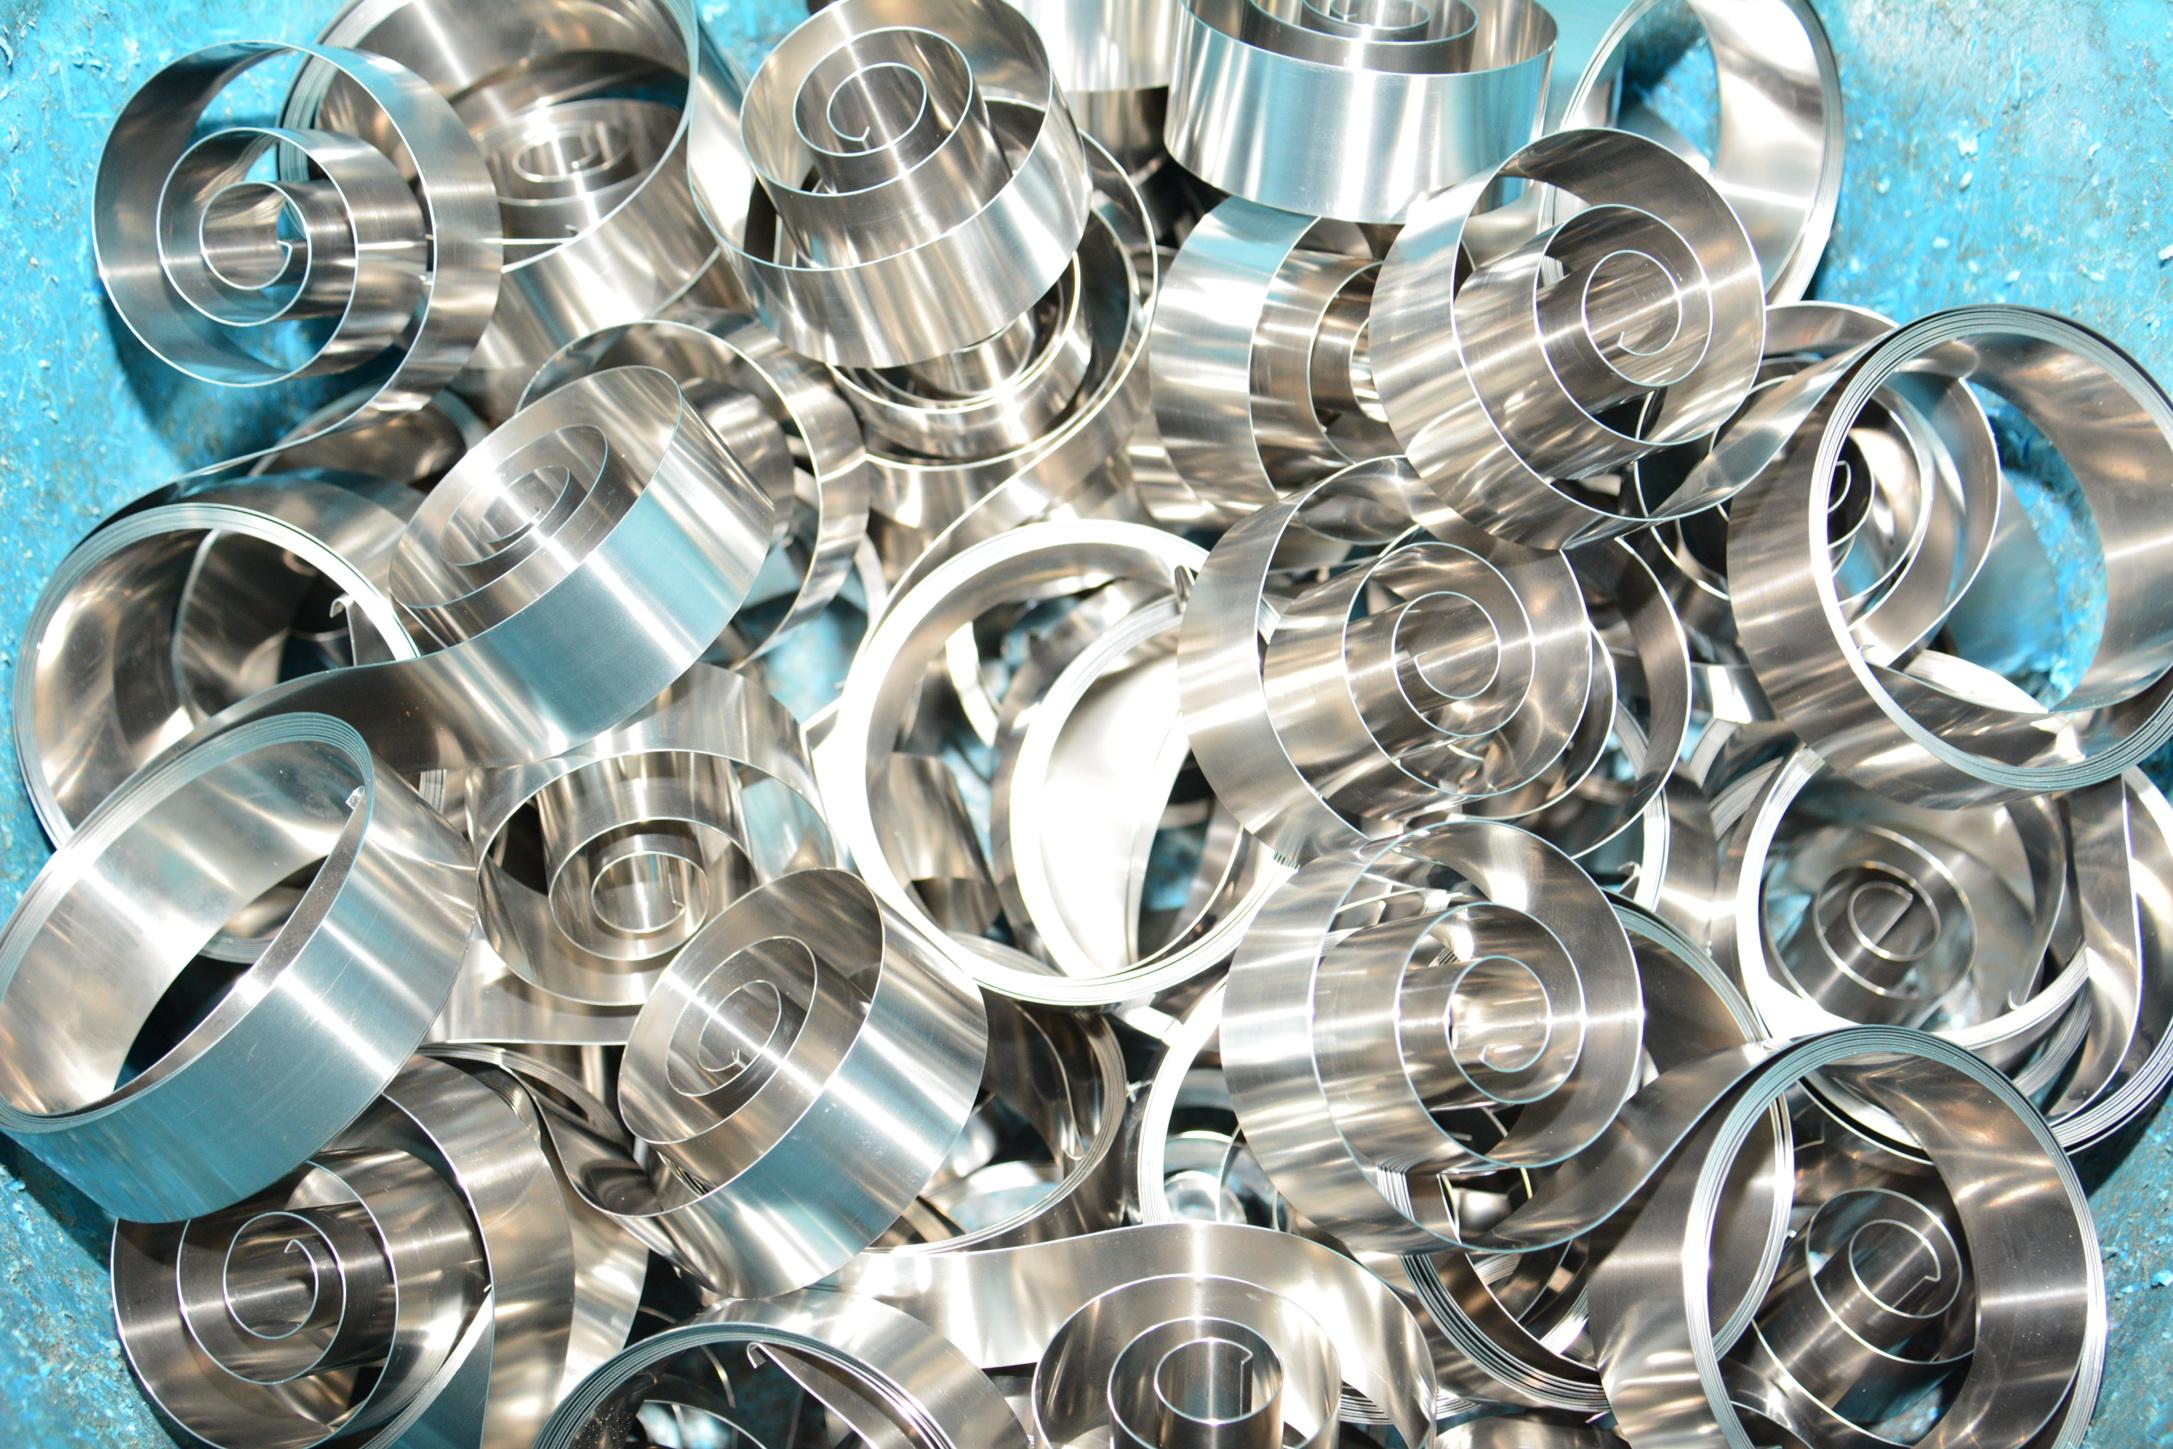 recoil-springs-lewel-tool.JPG